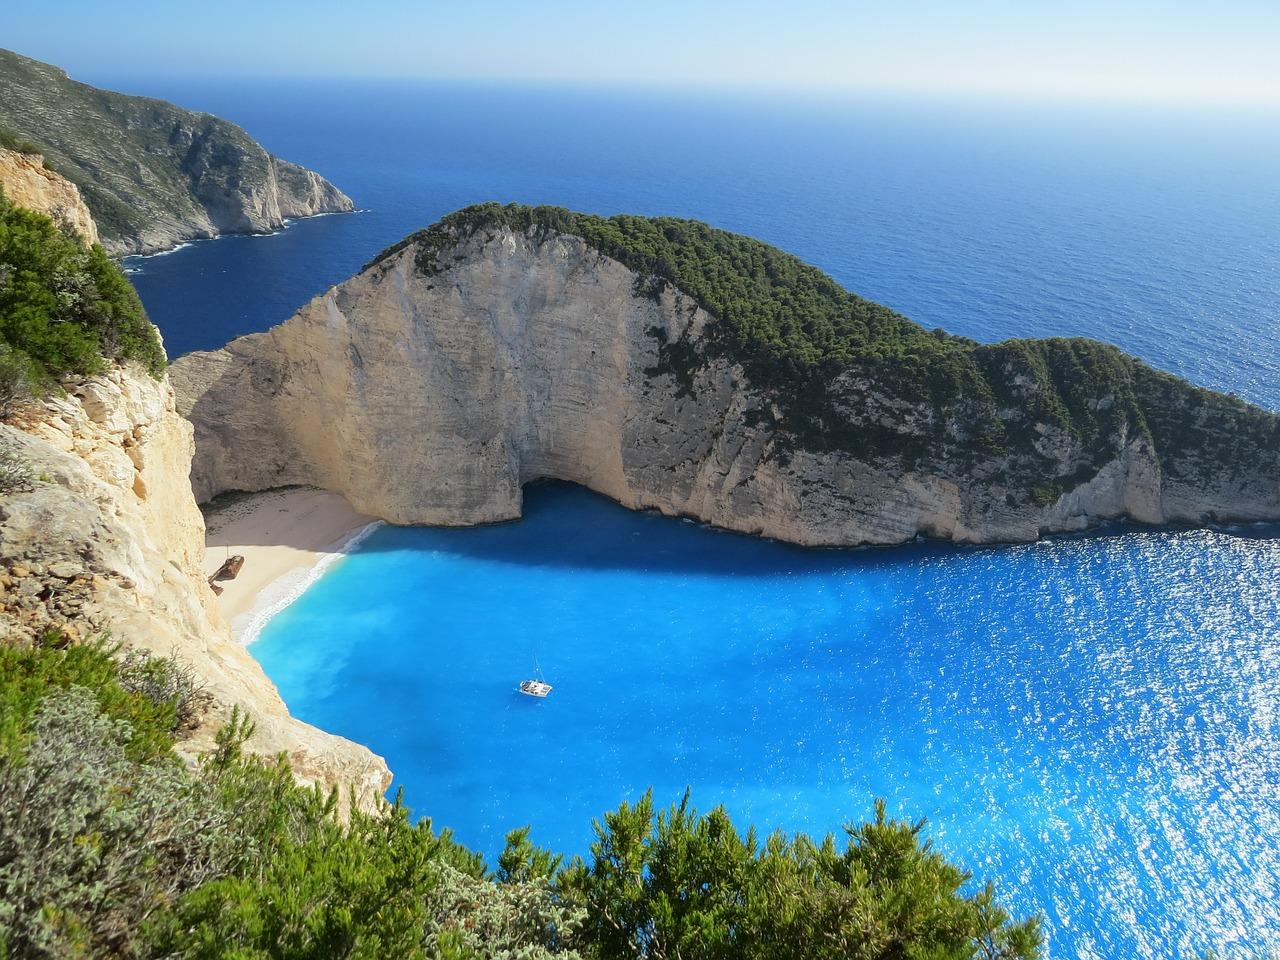 Podróż poślubna Grecja. Zalety podróży w słonecznej Grecji